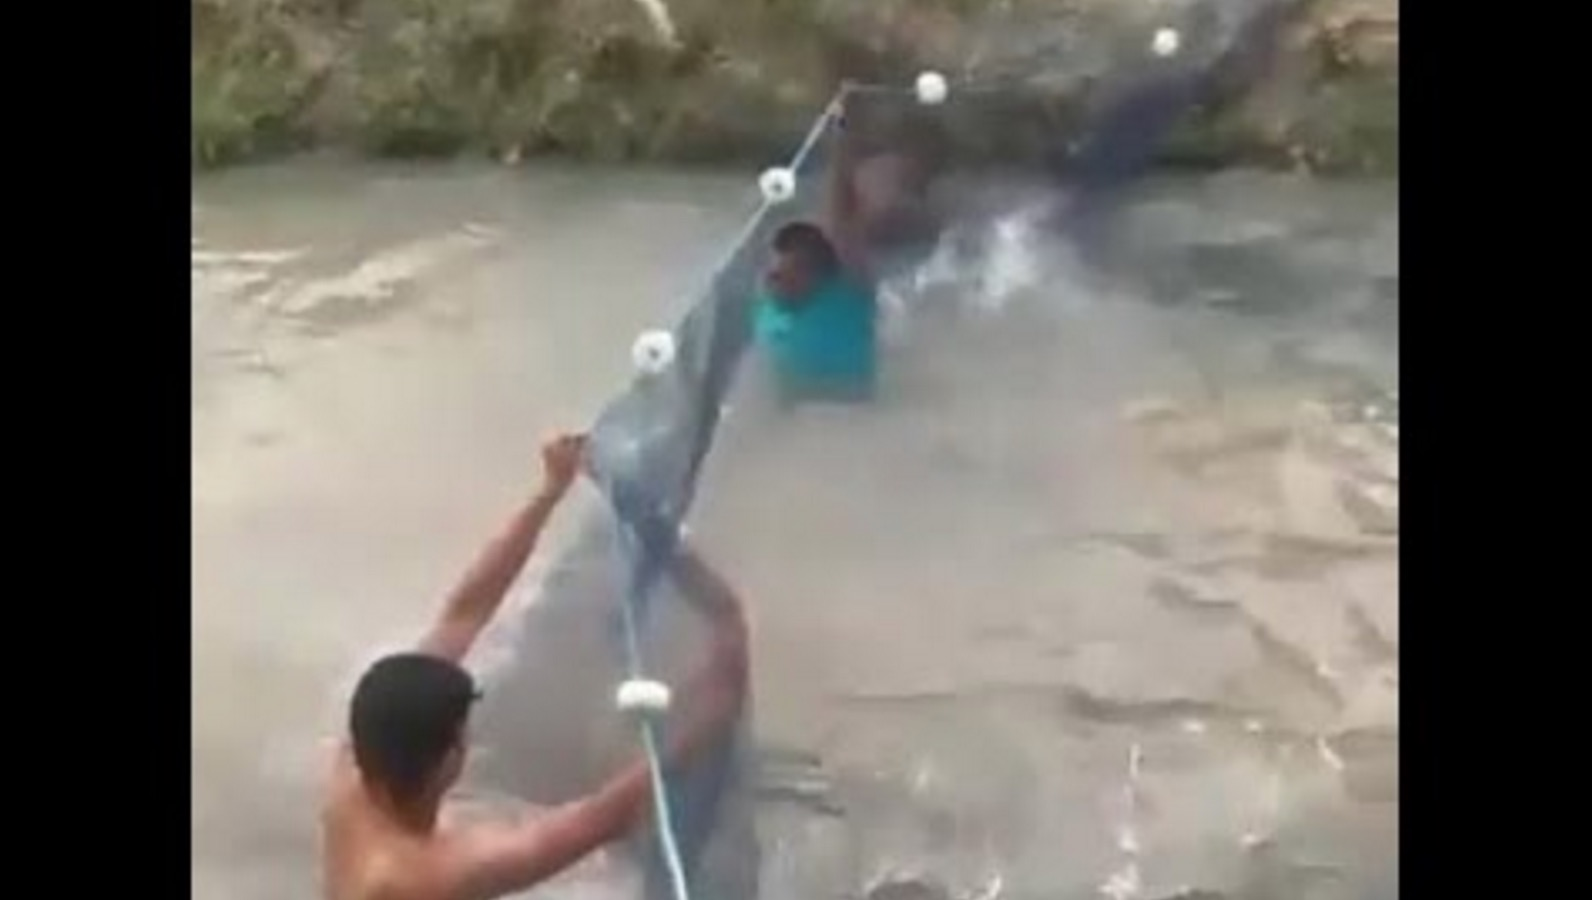 5秒後ヤバすぎることに!ブラジルで撮影された漁の映像がスゴい^ ^;